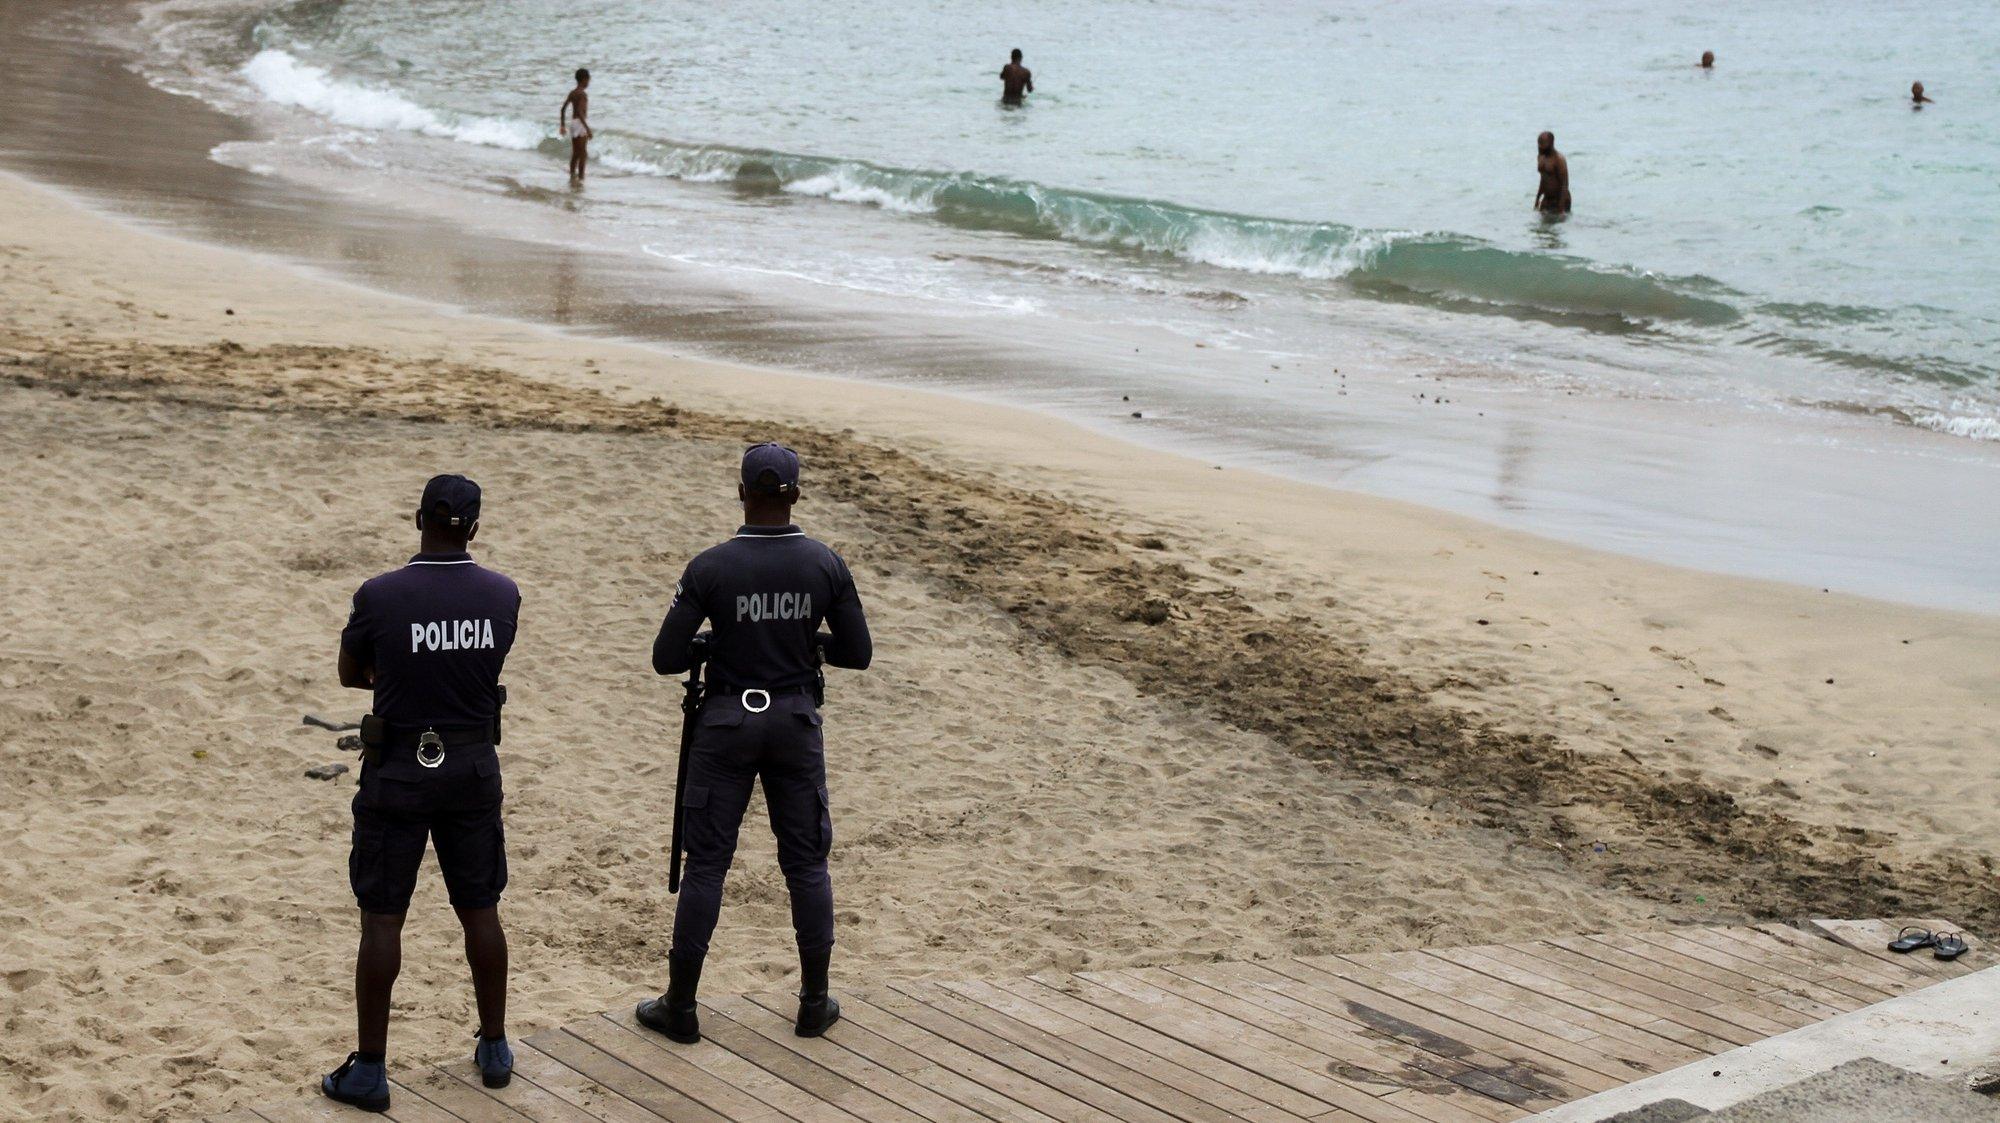 Agentes da polícia controlam os banhistas numa das praias da cidade da Praia, Cabo Verde, 07 de setembro de 2020. As praias da ilha de Santiago reabriram hoje quase seis meses depois das primeiras medidas para evitar a propagação da covid-19, para alegria dos banhistas, que mataram saudades da água do mar na capital de Cabo Verde. FERNANDO DE PINA/LUSA